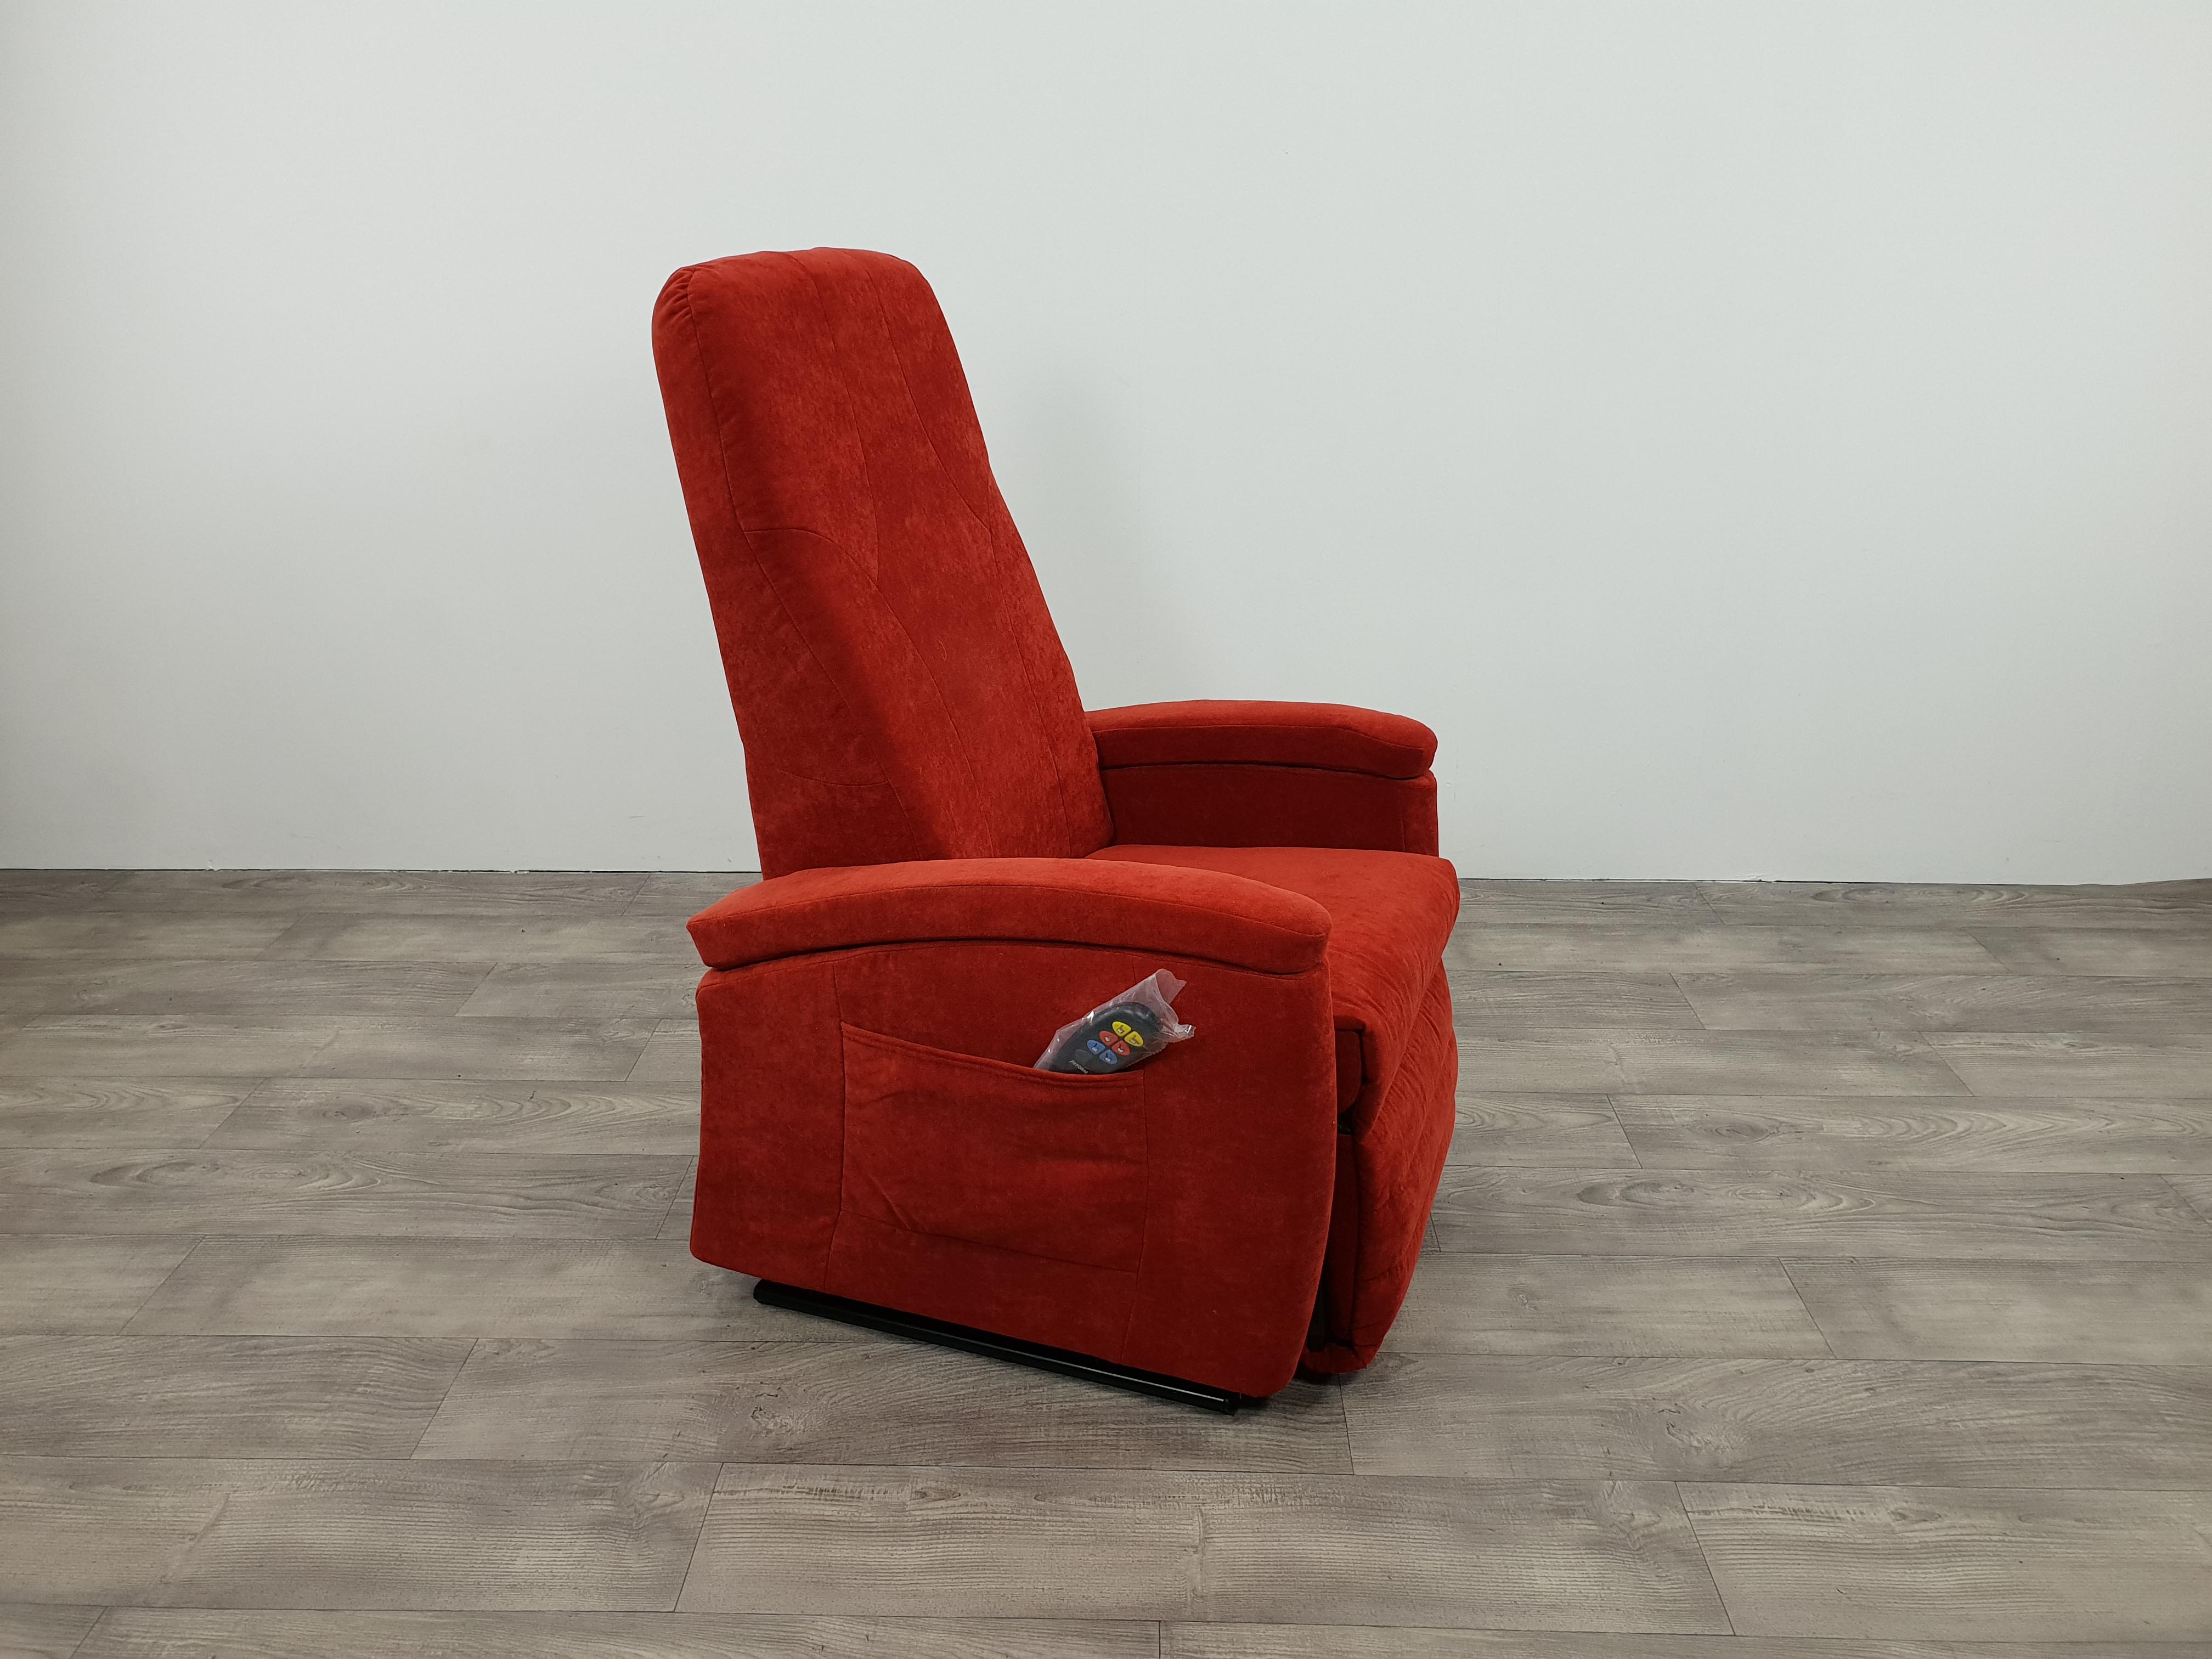 Sta Zit Stoel : Sta op stoel rood u ac per maand zeker zit sta op